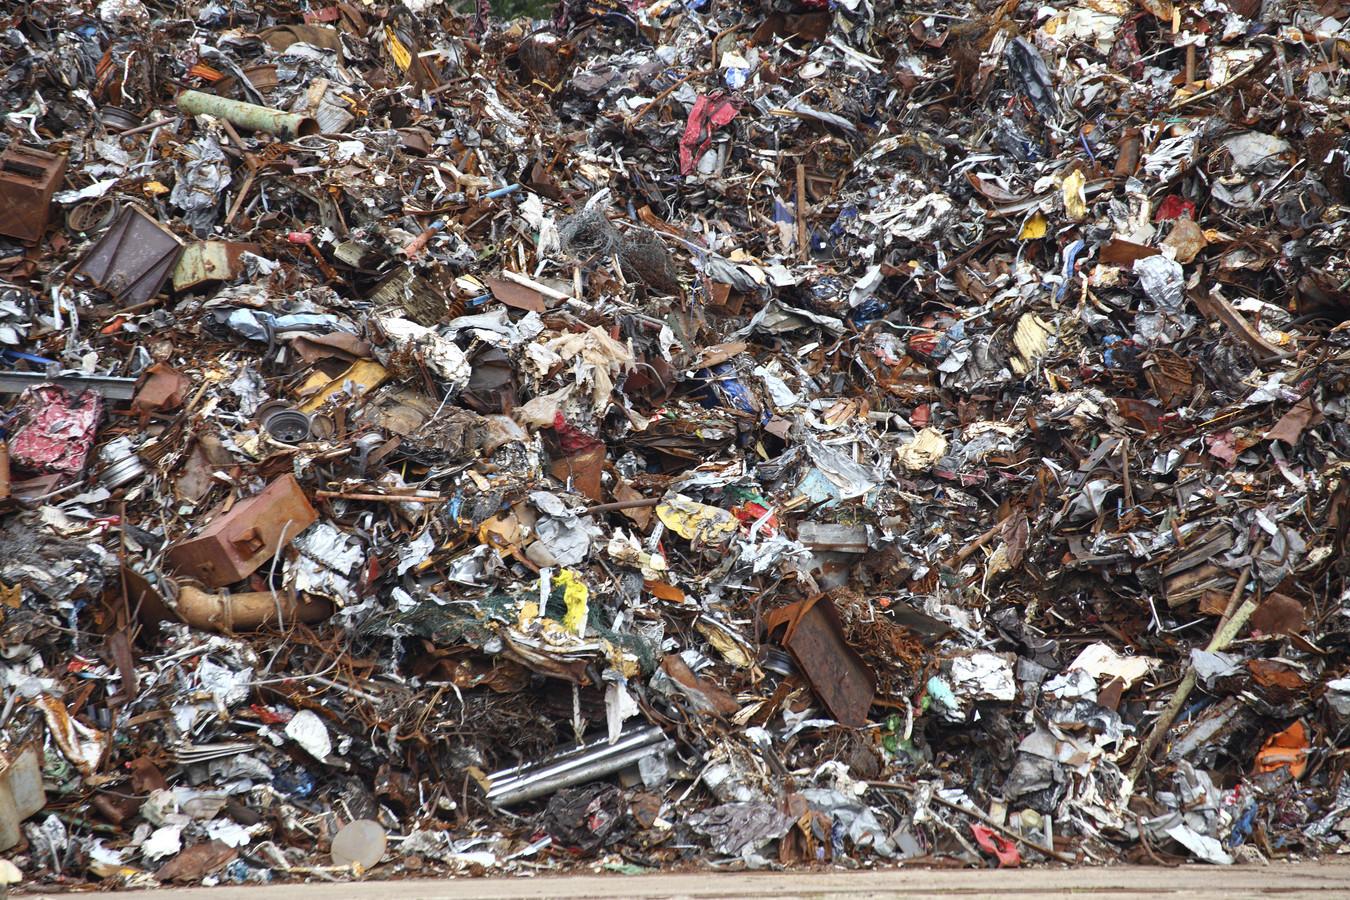 Westerse landen sturen duizenden tonnen afval per jaar naar Aziatische landen